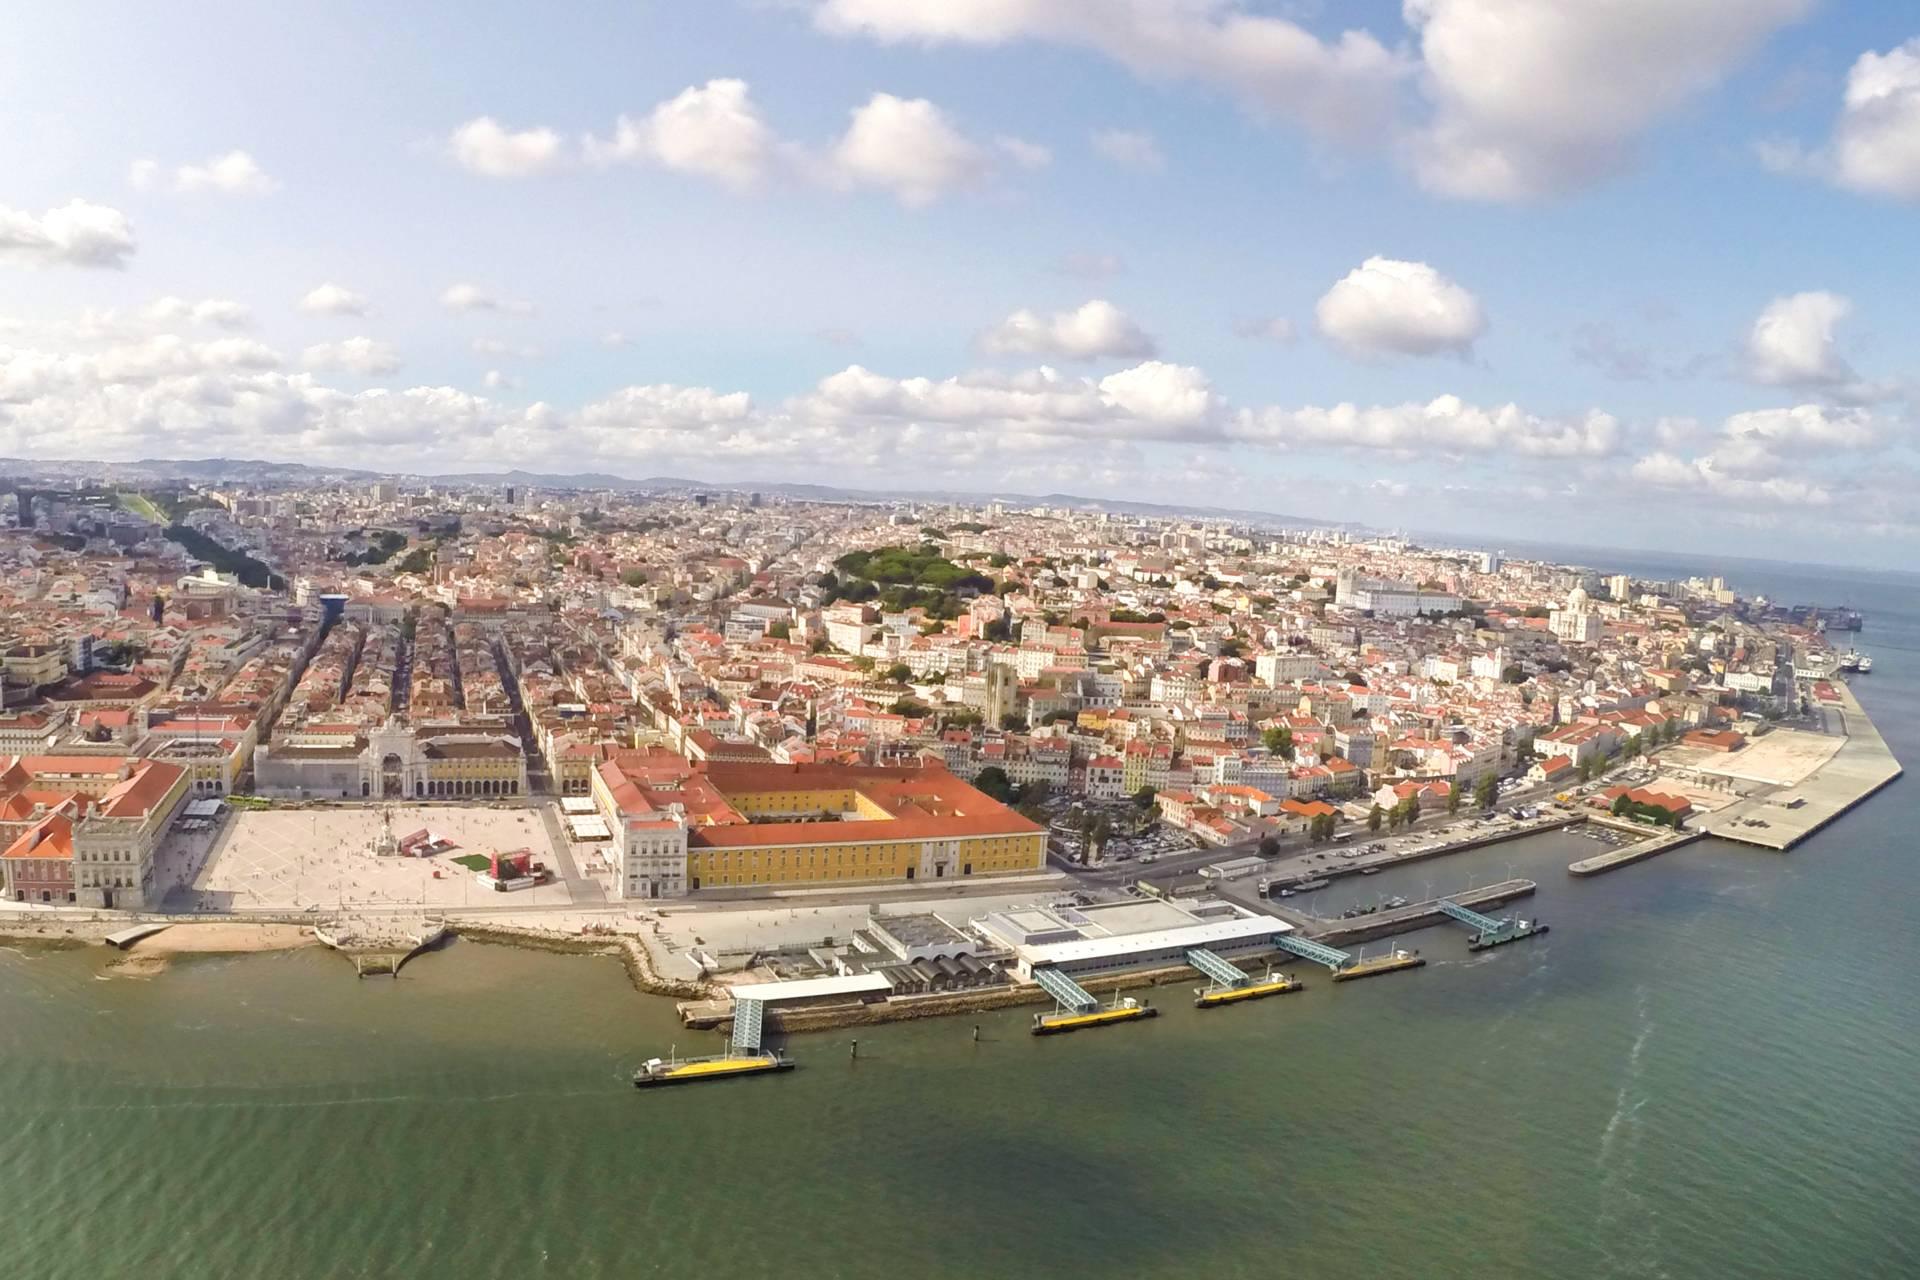 Гид по Лиссабону и Португалии Жанна Белицкая